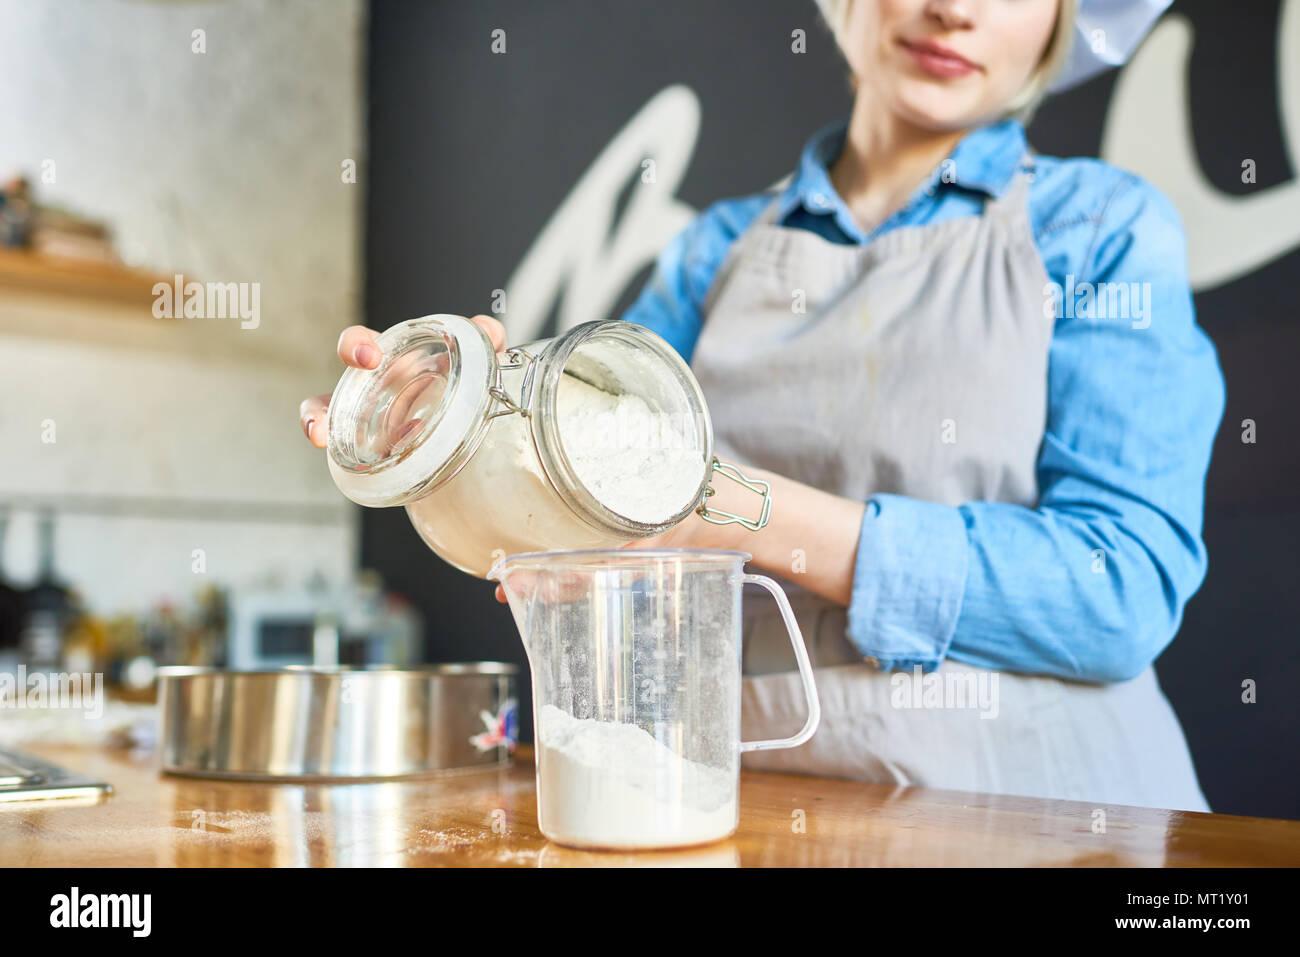 Panadero trabaja con harina Imagen De Stock